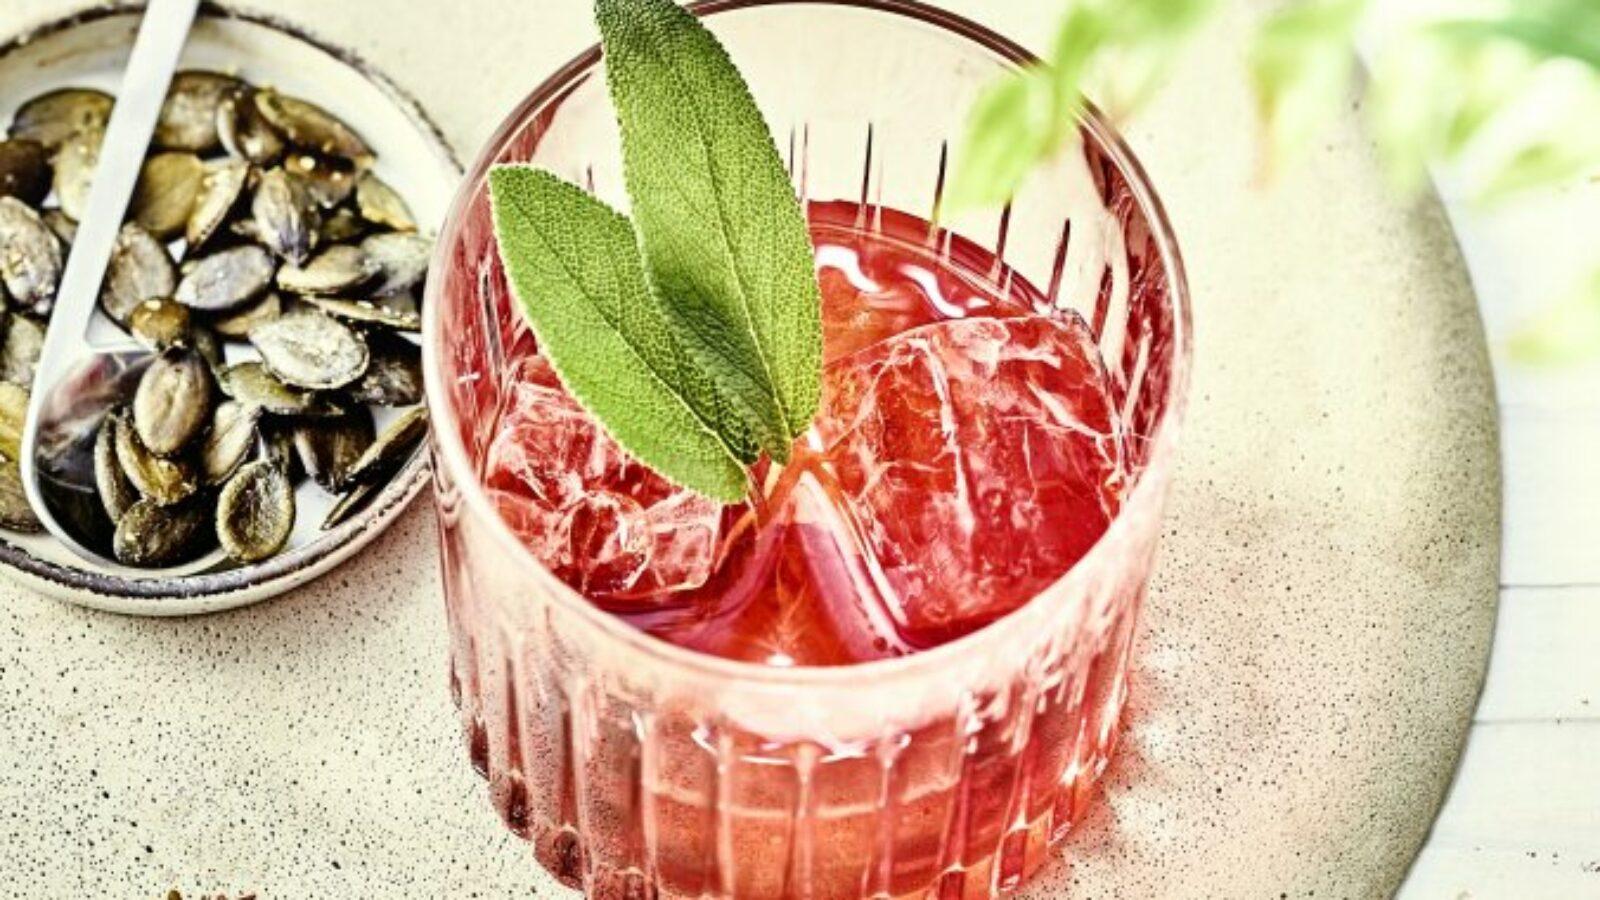 Diese Drinks schmecken nach Sommer! Frisch, spritzig-würzig und fruchtig dürfen sie sein. Diese Drinks haben das besondere Etwas!